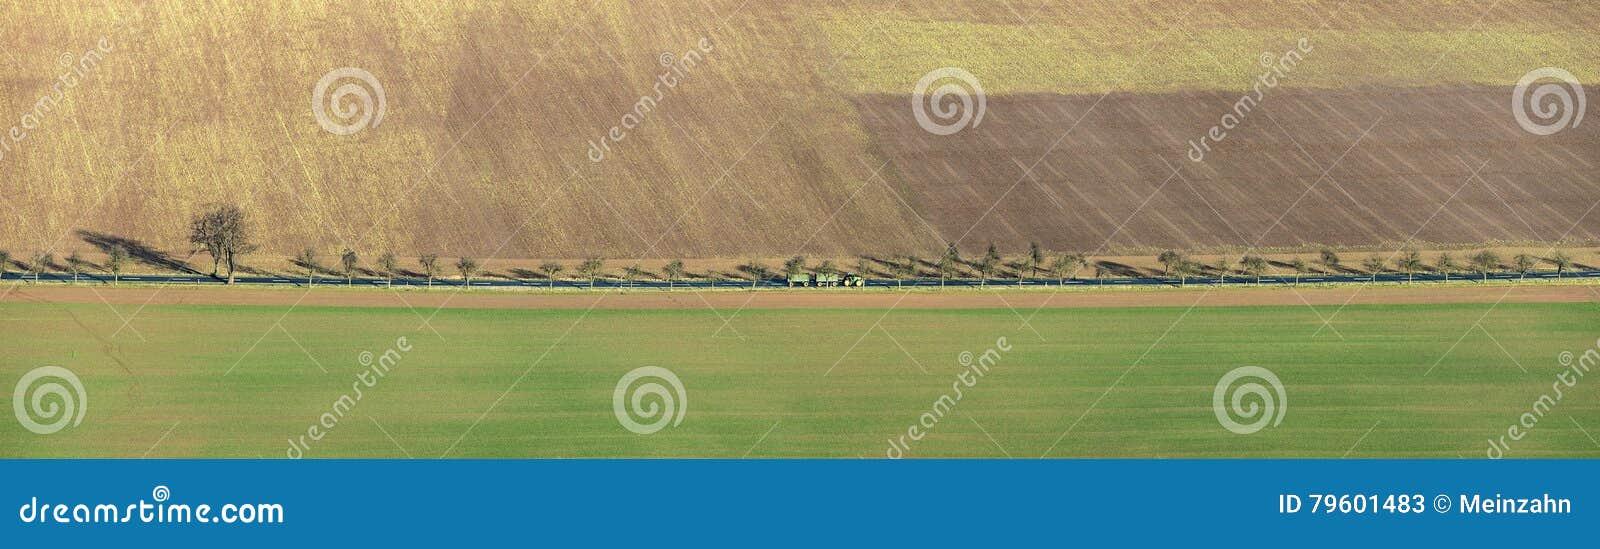 Área rural na área de Kyffhaeuser com aleia e trator